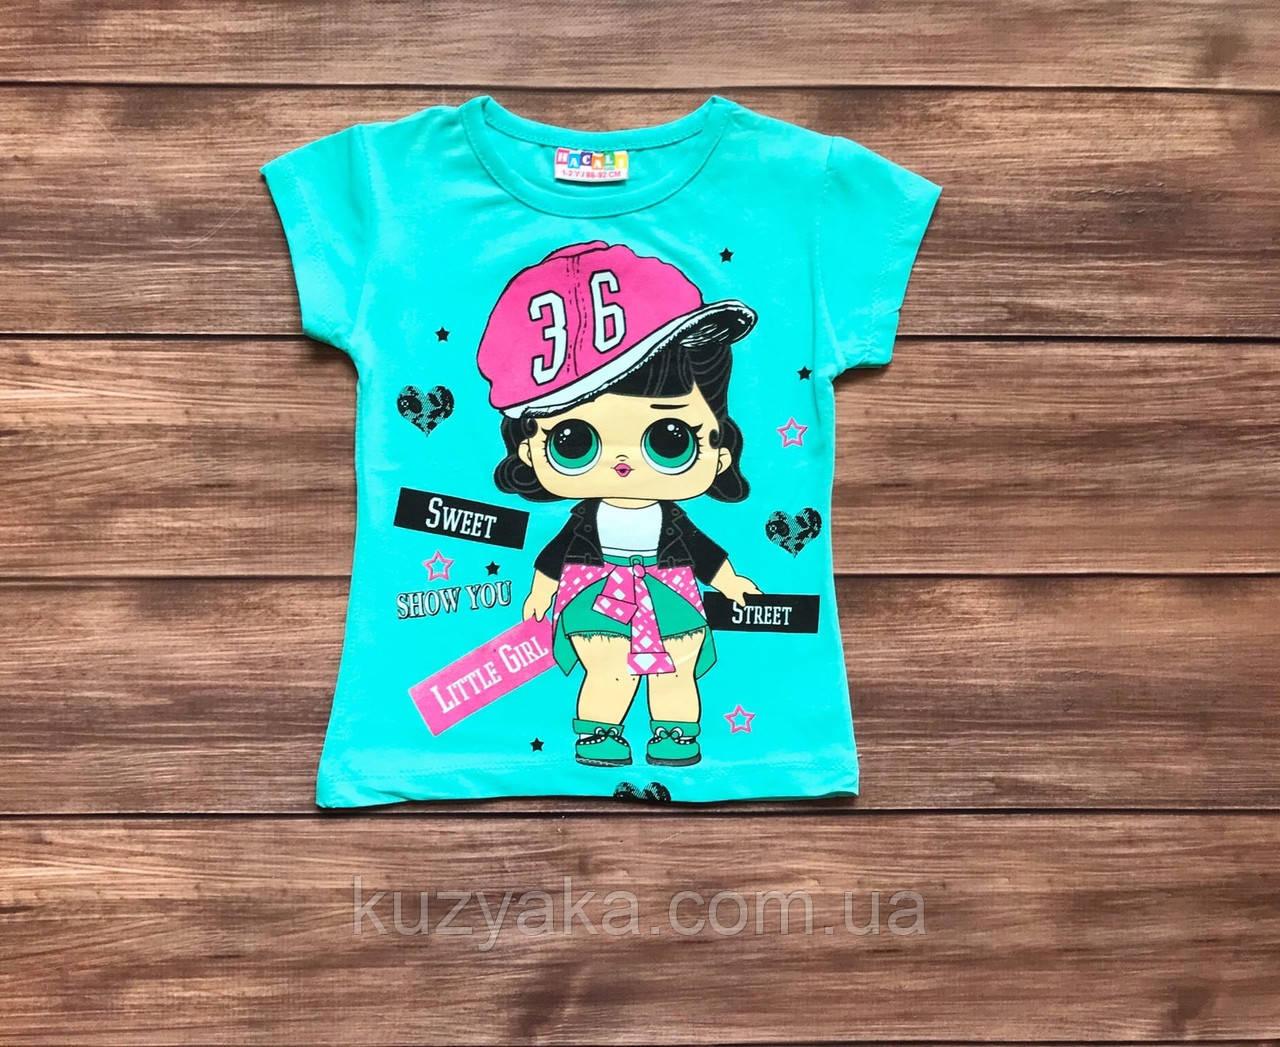 Дитяча футболка лялька ЛОЛ для дівчинки на 1-8 років